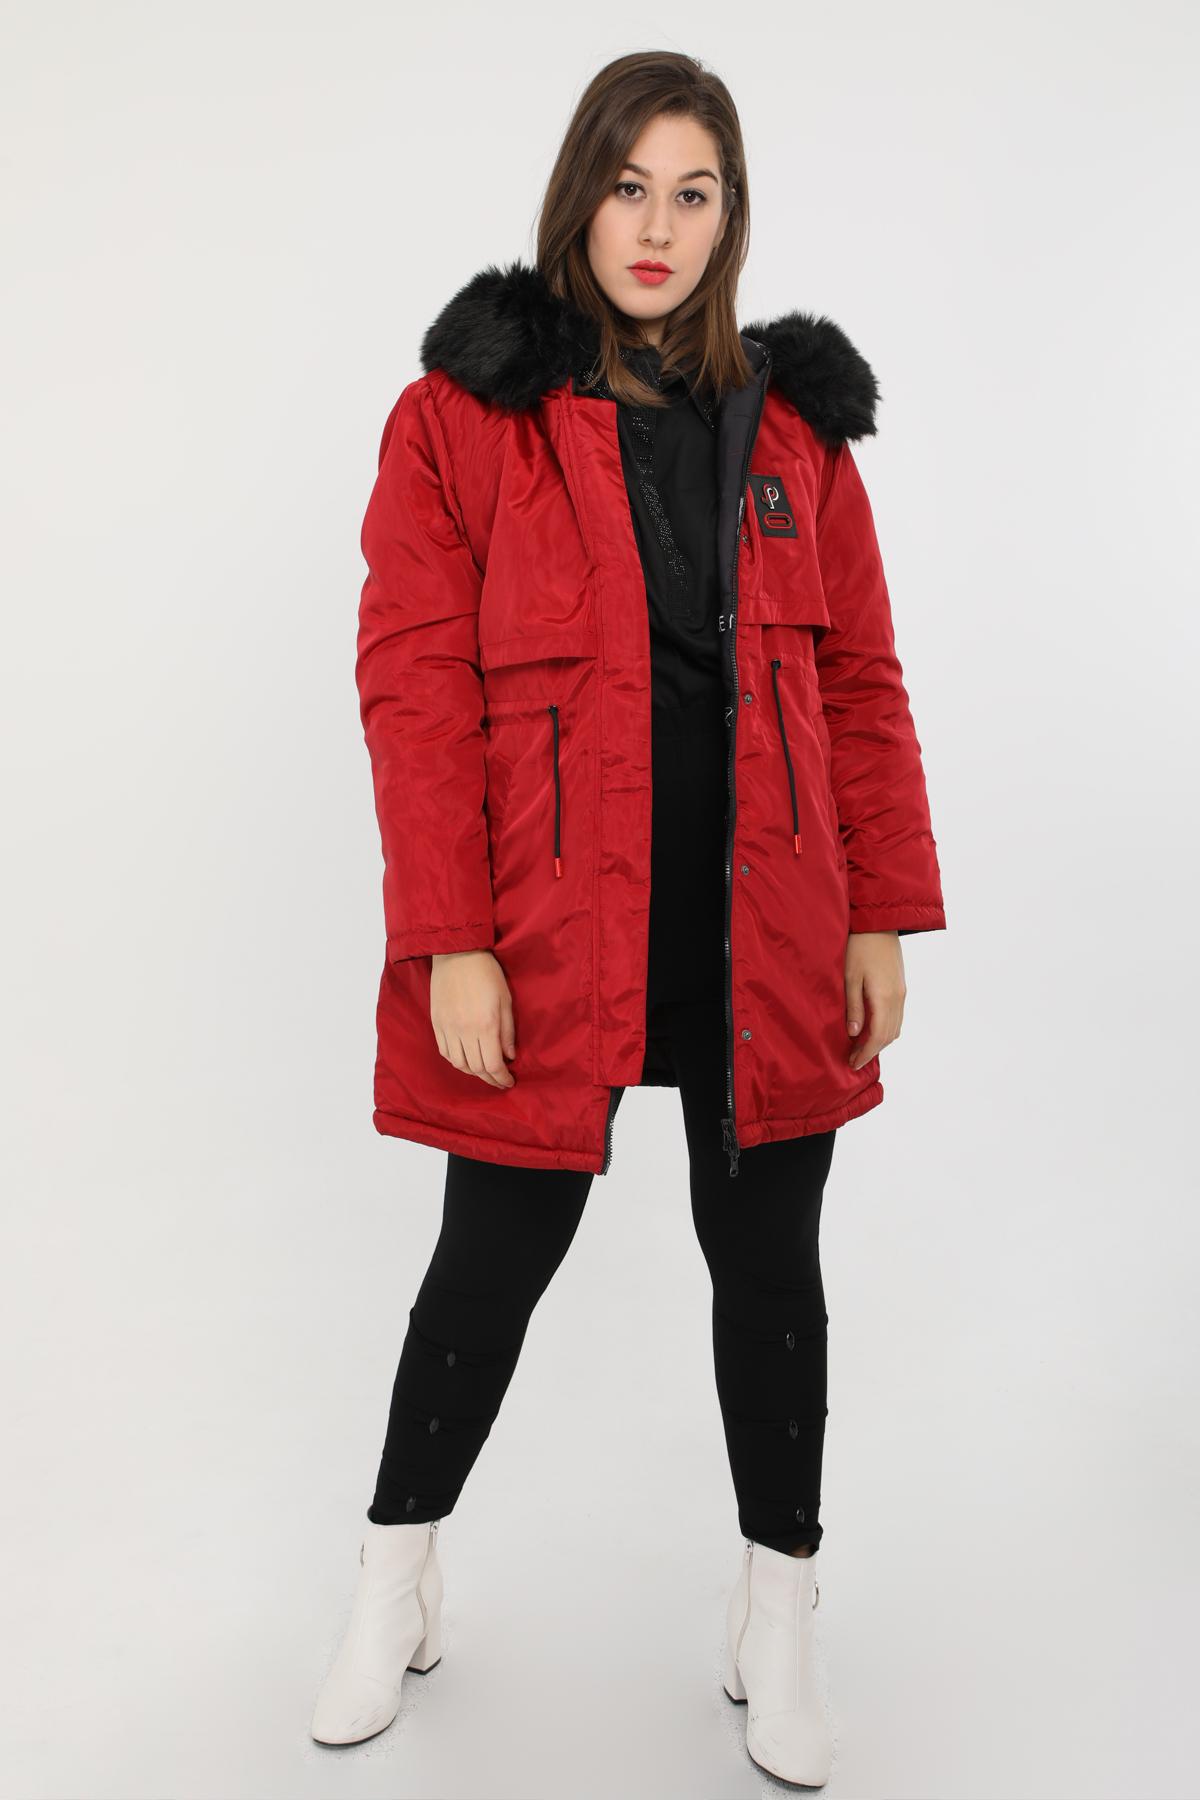 manteau grande taille femme pomme rouge vetement c6171 rouge